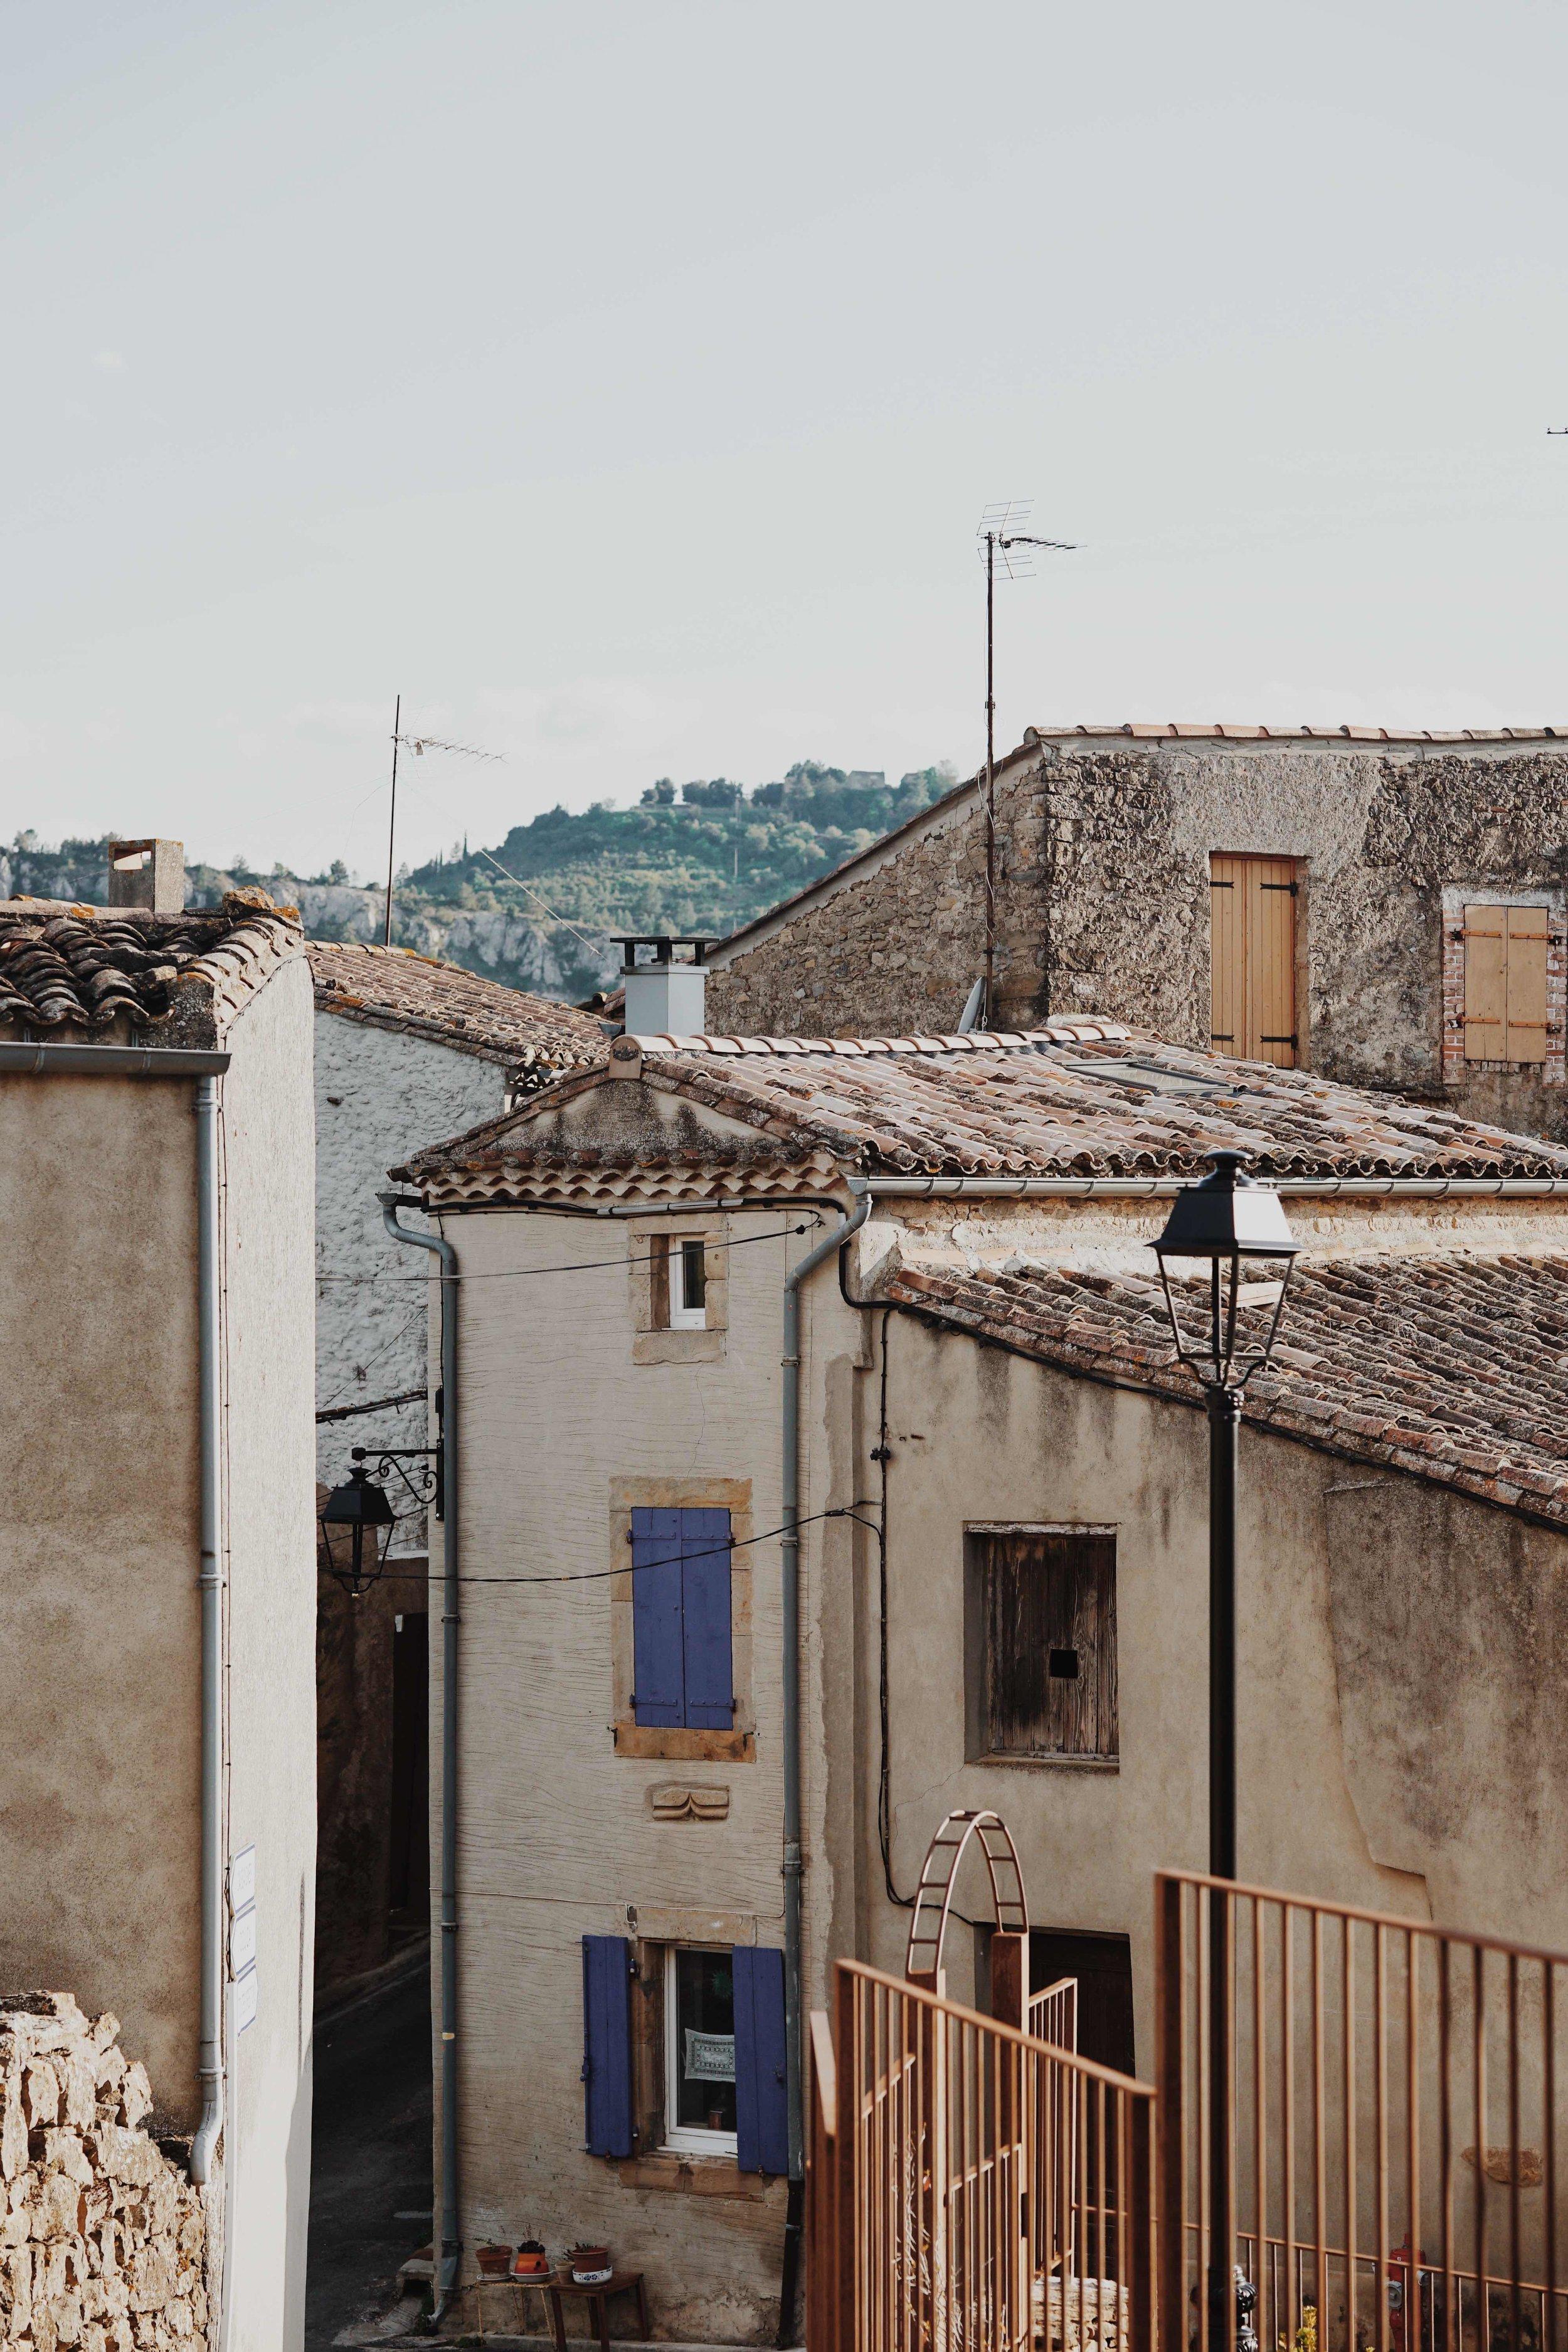 ASROSENVINGE_Atoutfrance_Toulouse_602A4B60-7800-4A7B-B138-1908790CB668 copy.jpg